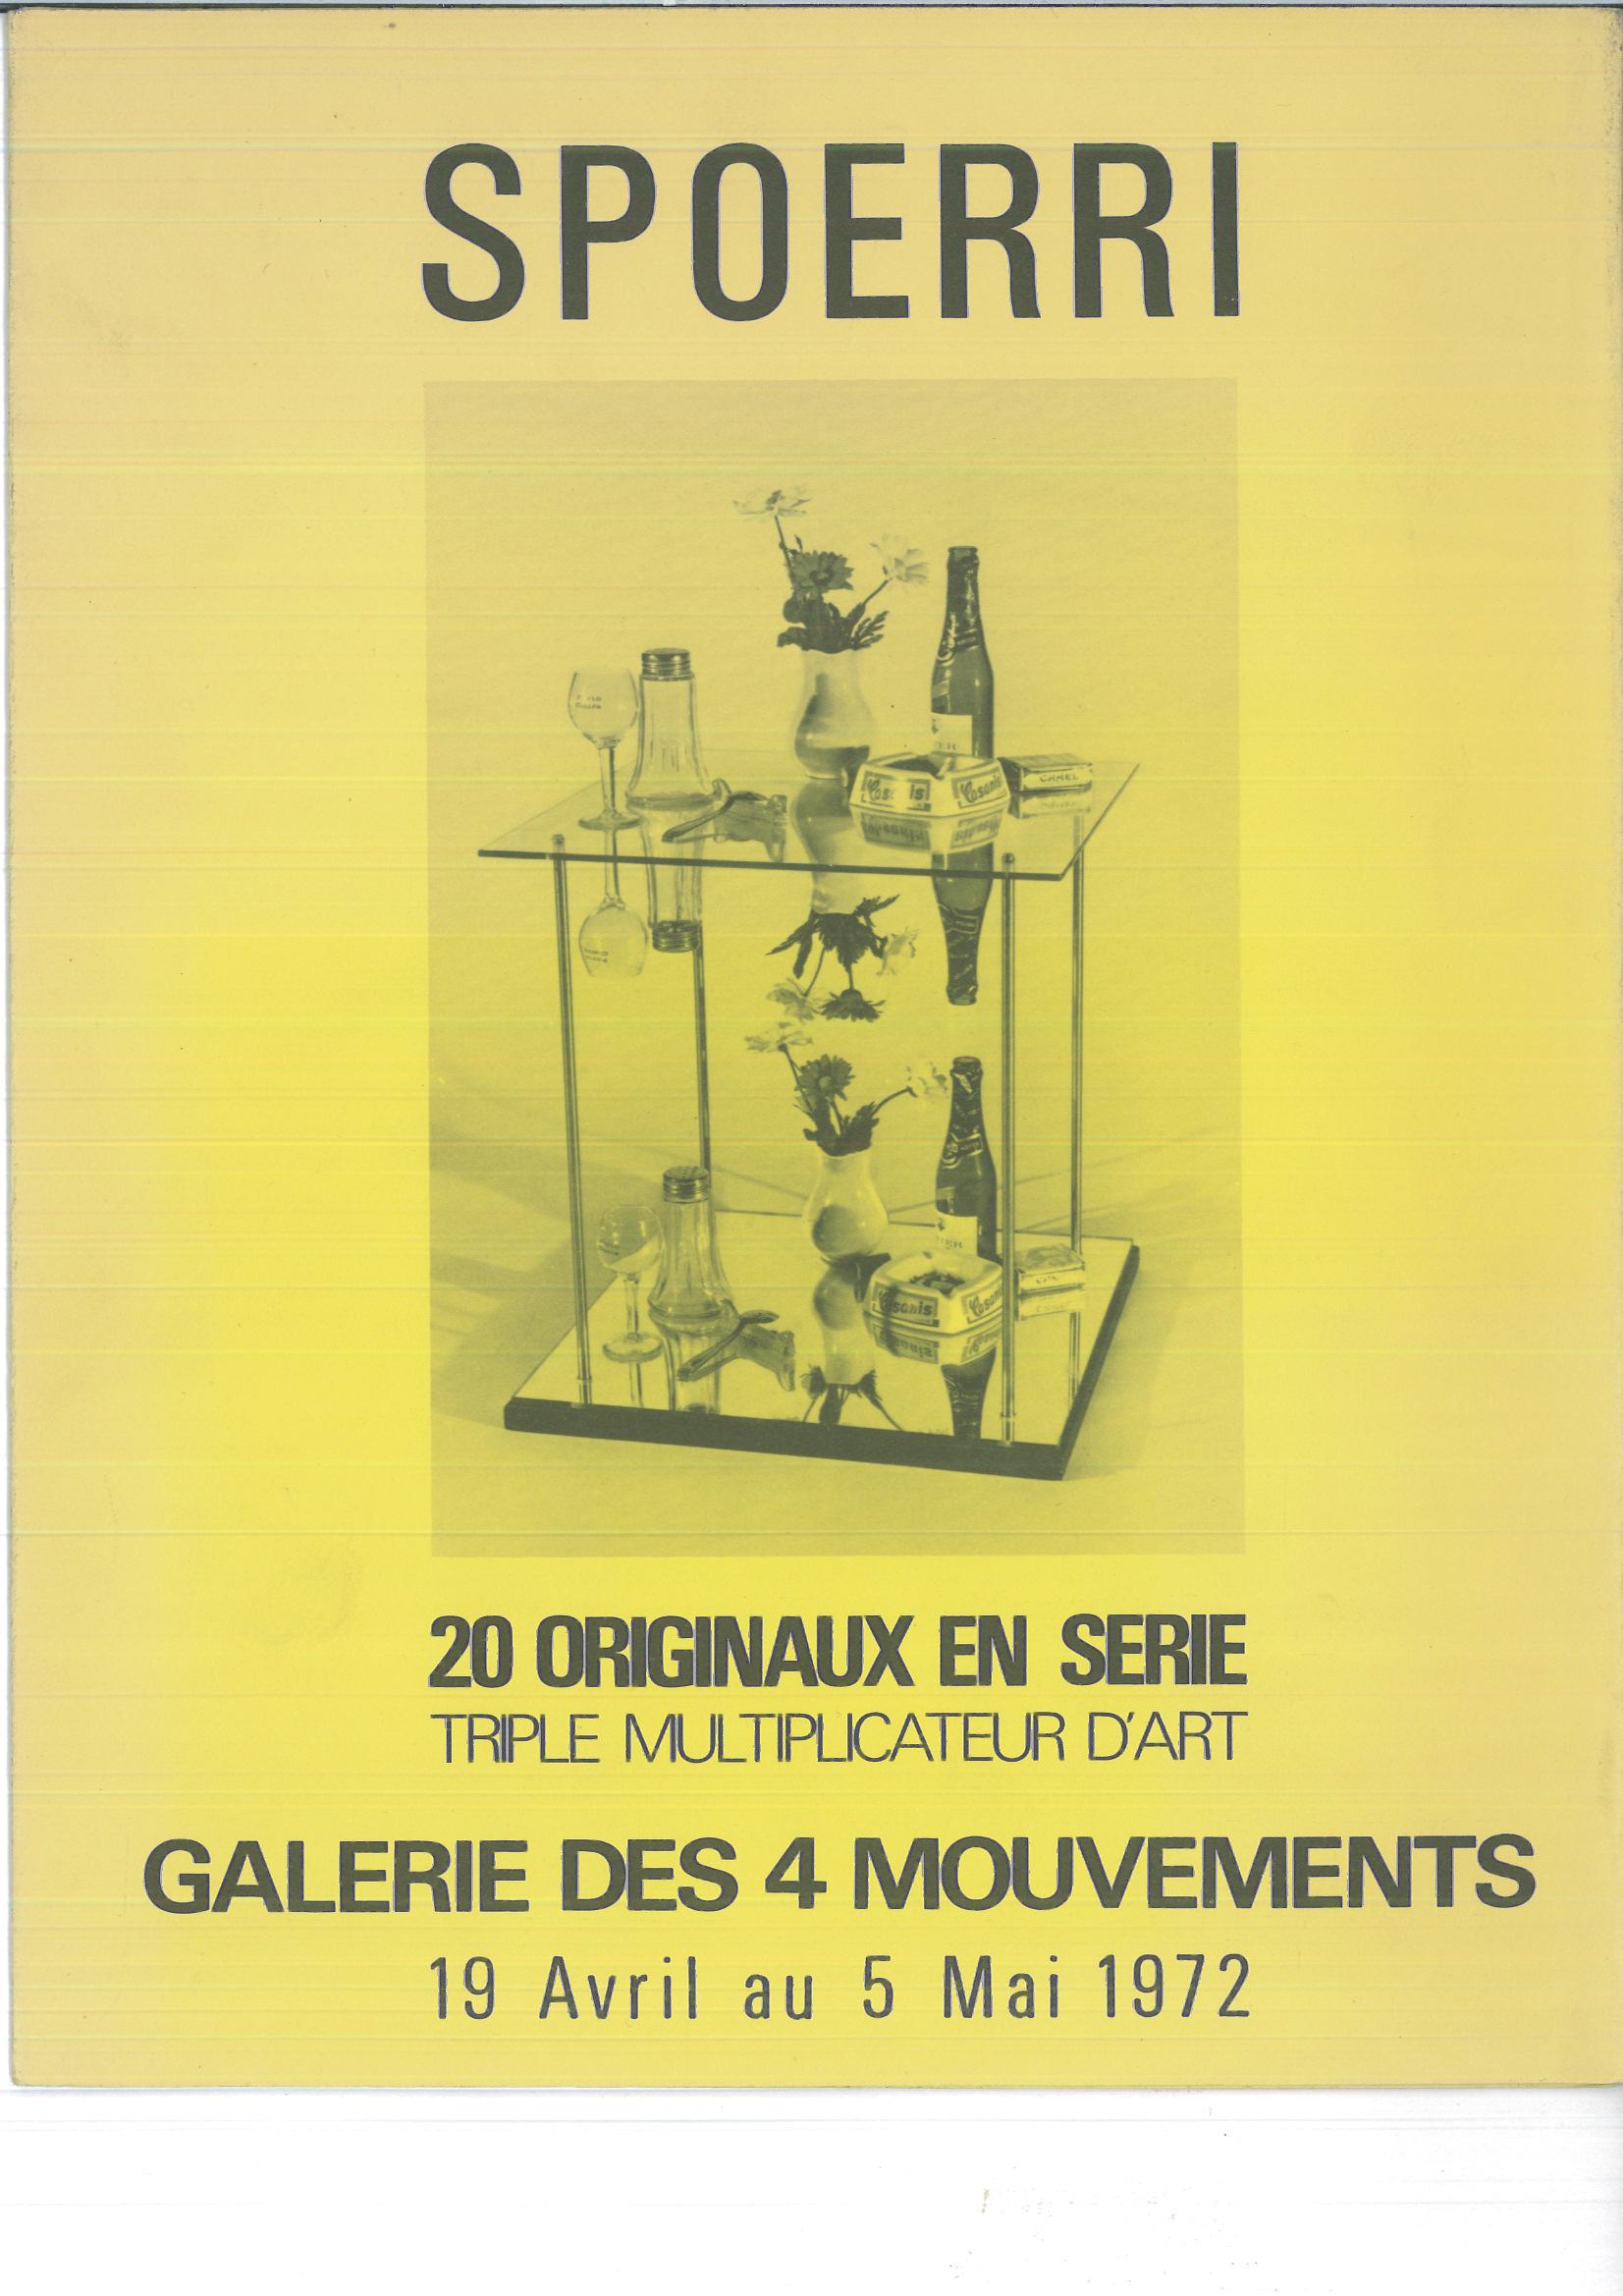 14-1-Spoerri-20-originaux-en-serie-triple-multiplicateur-d'art-Paris-Galerie-des-4-Mouvements-1972